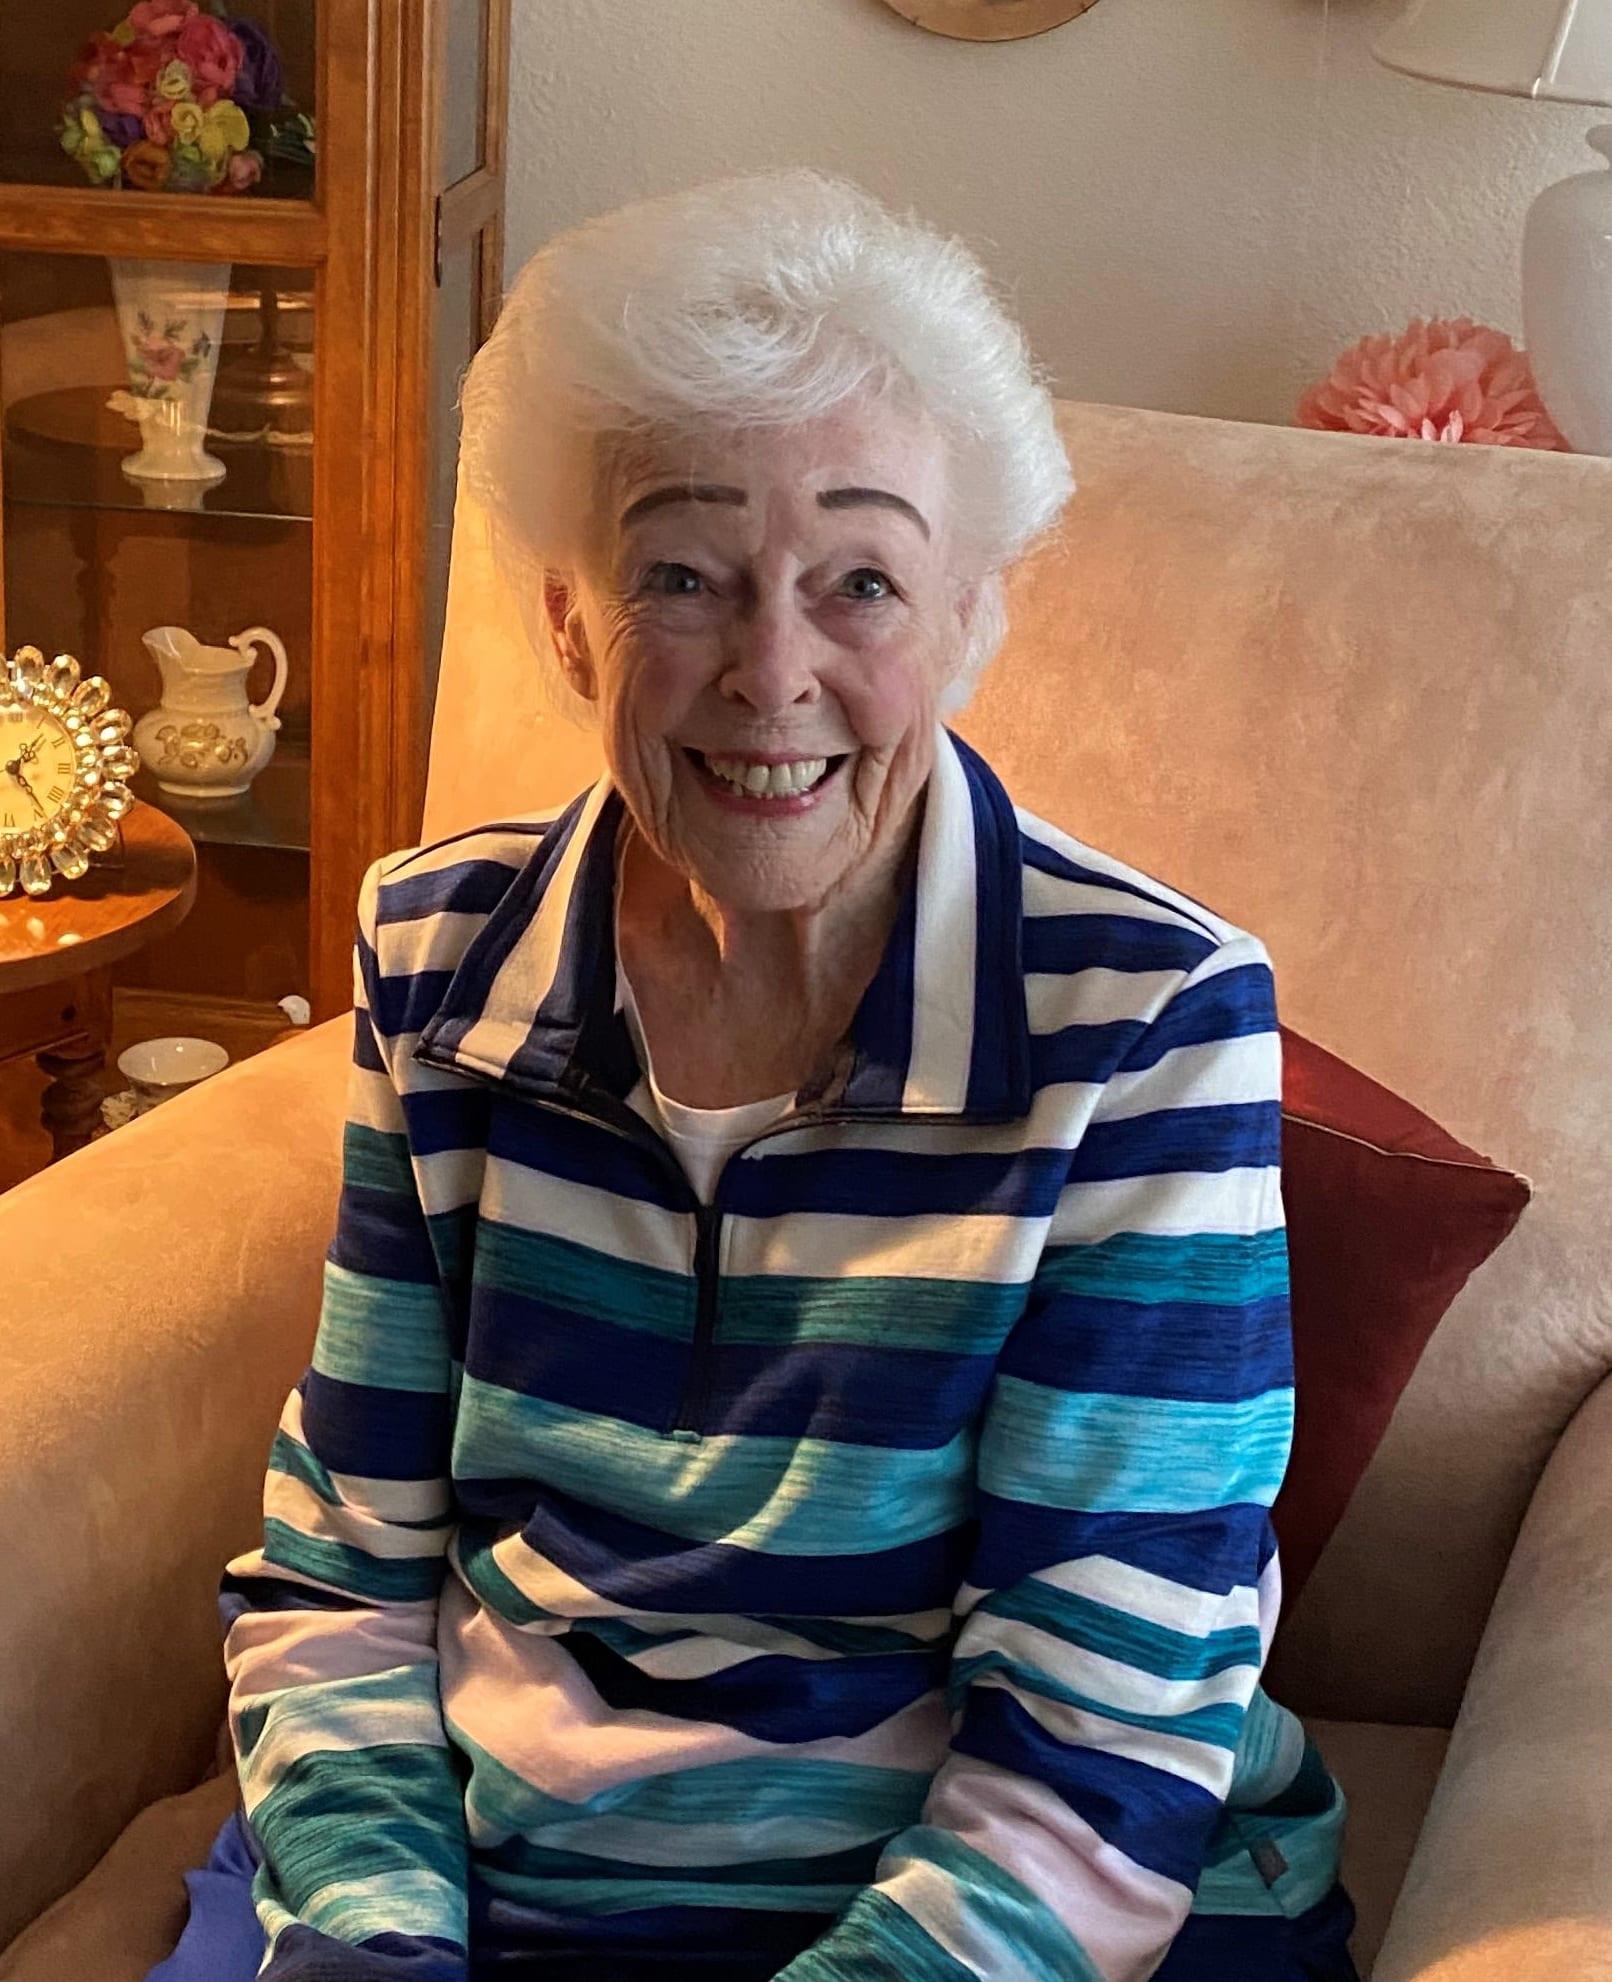 Meet your neighbor at Henderson senior living